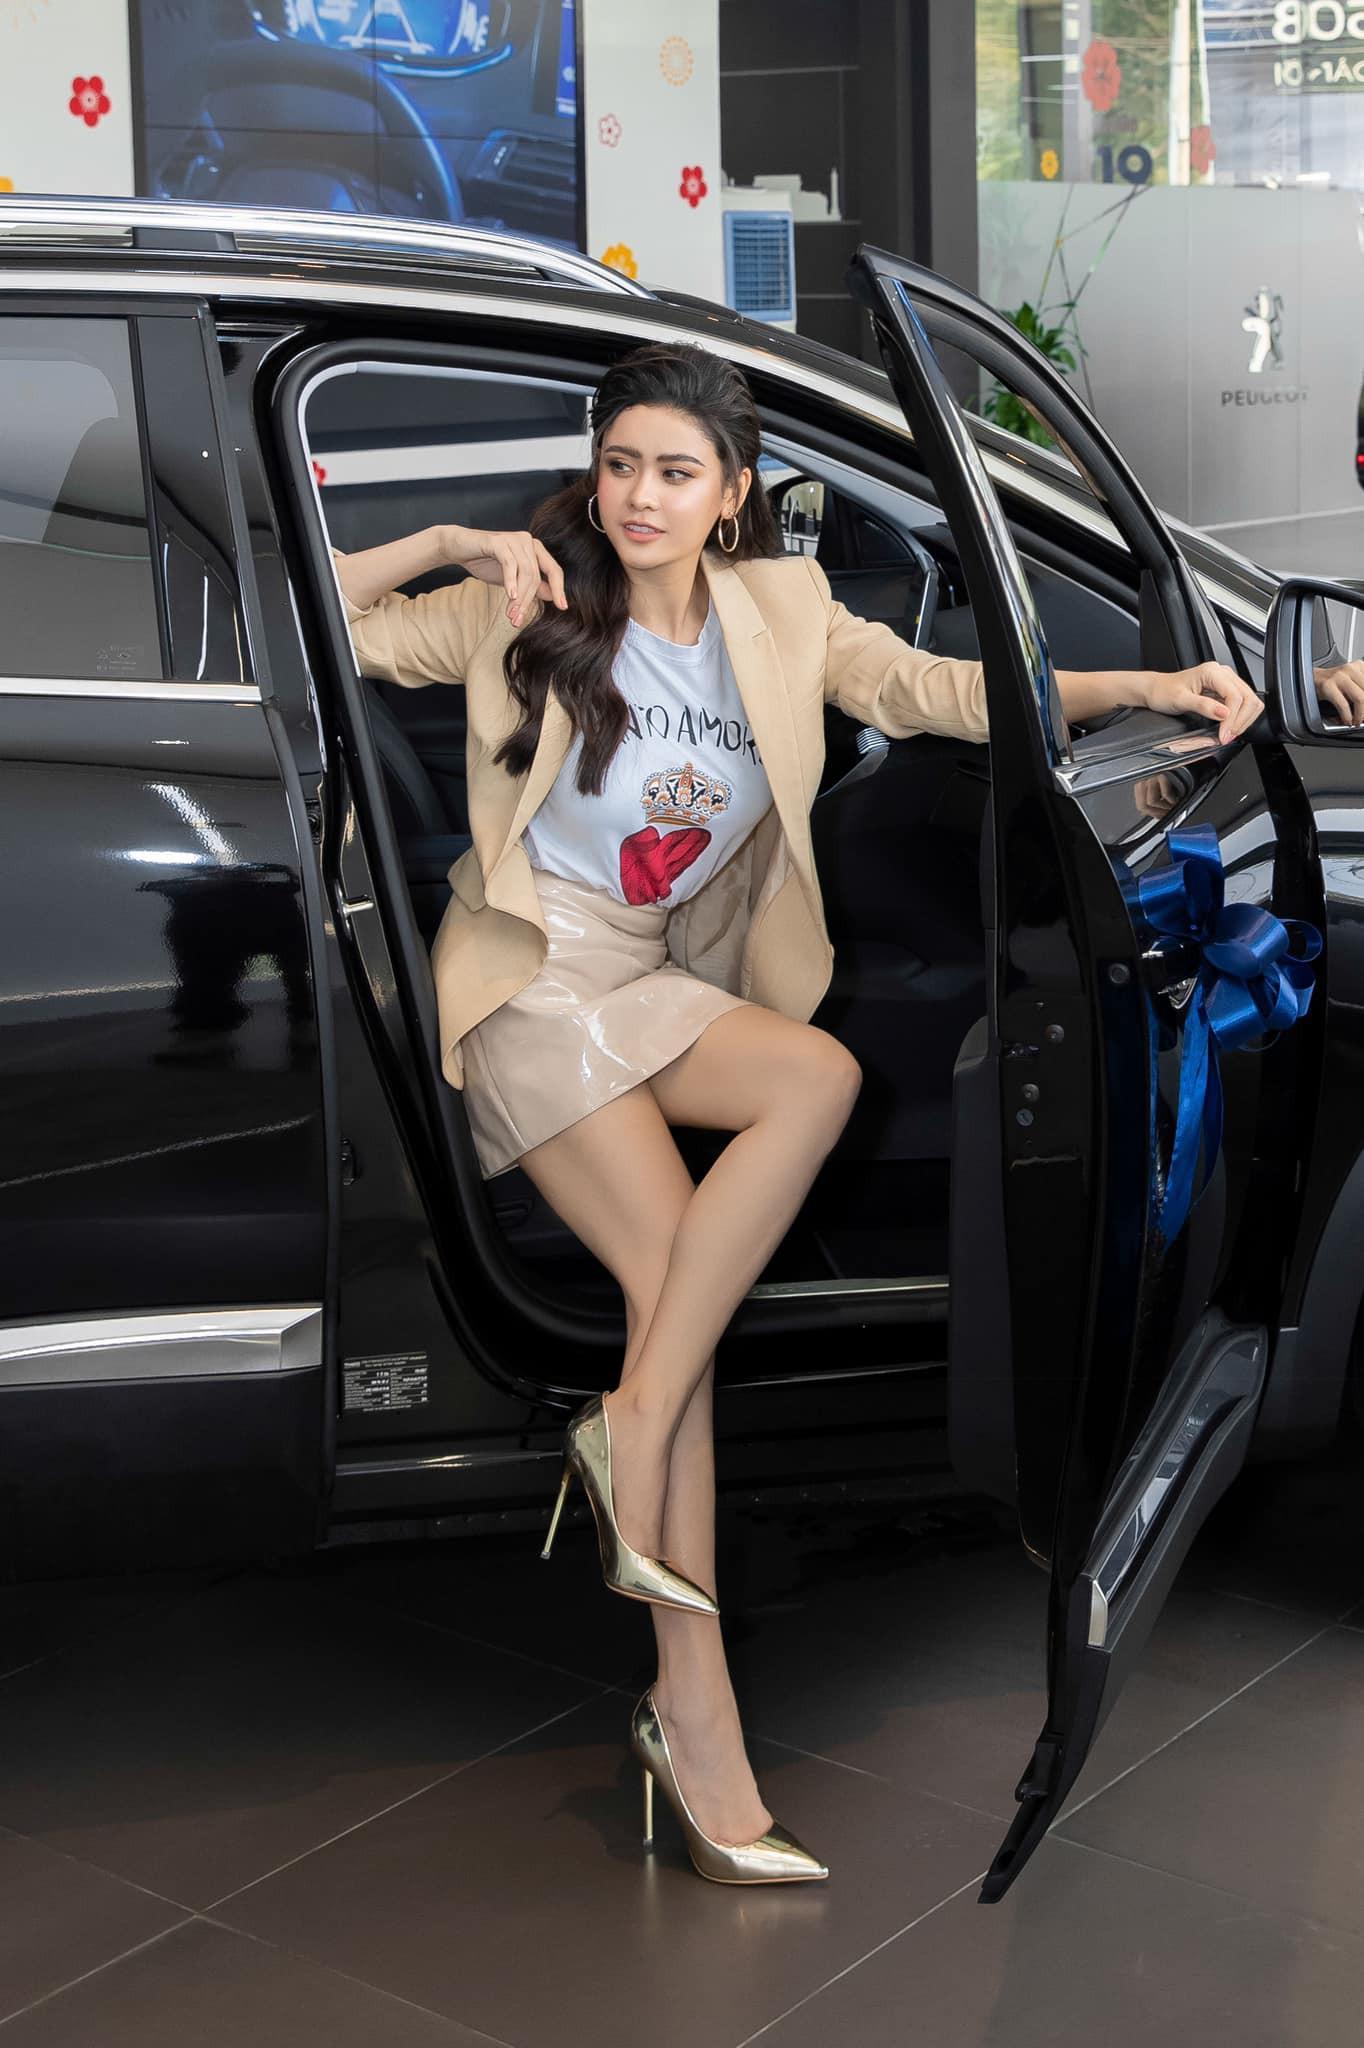 Bóc giá xế hộp Peugeot 3008 tiền tỷ Trương Quỳnh Anh tậu để đưa con đi học Ảnh 2